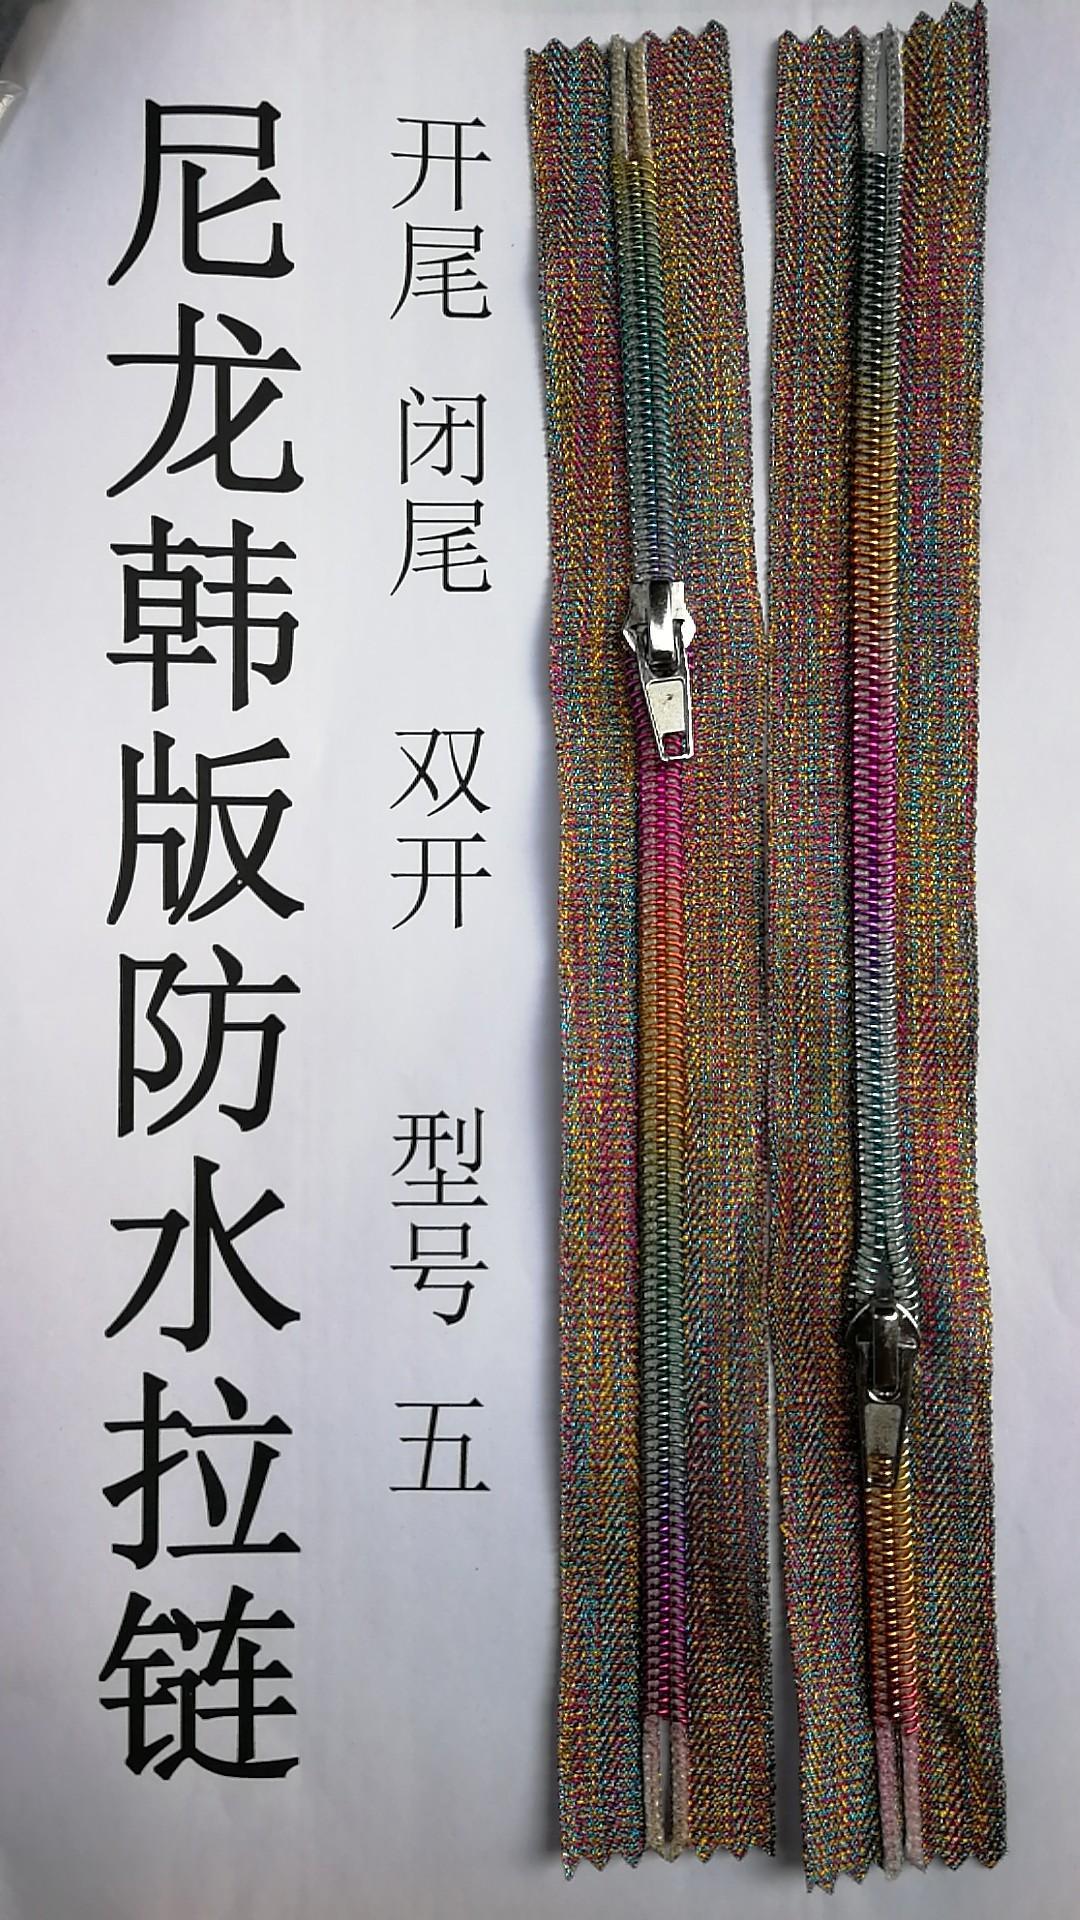 玉米牙金属链 5